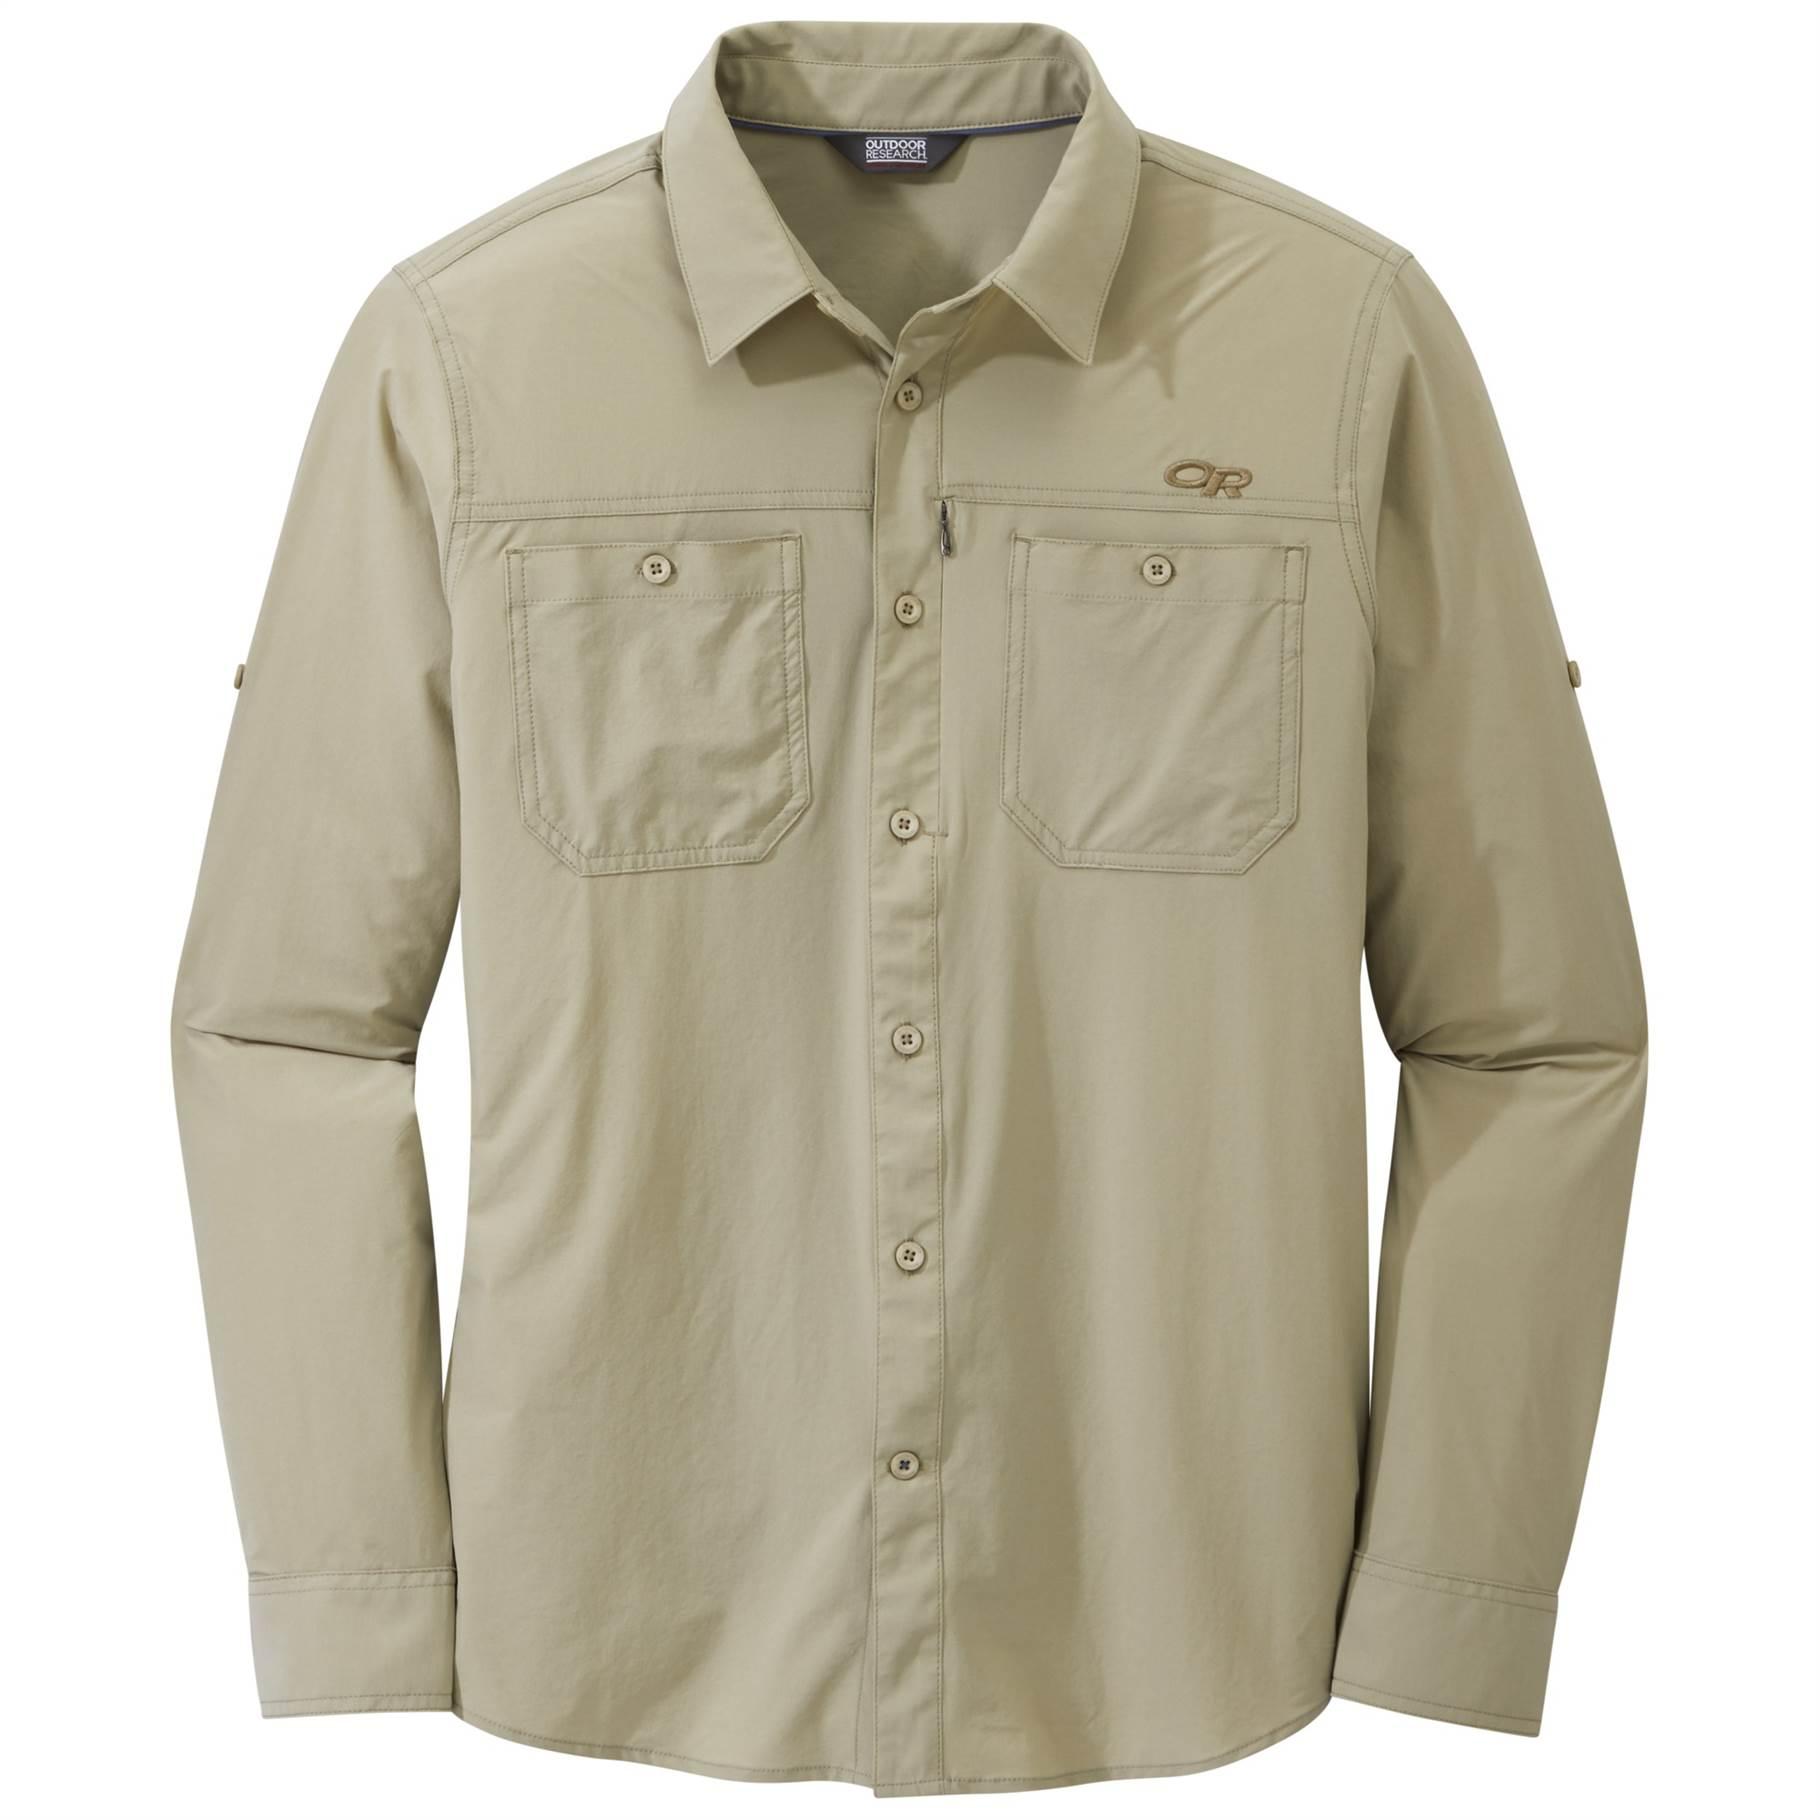 Wayward Shirt Long Sleeve - Men's